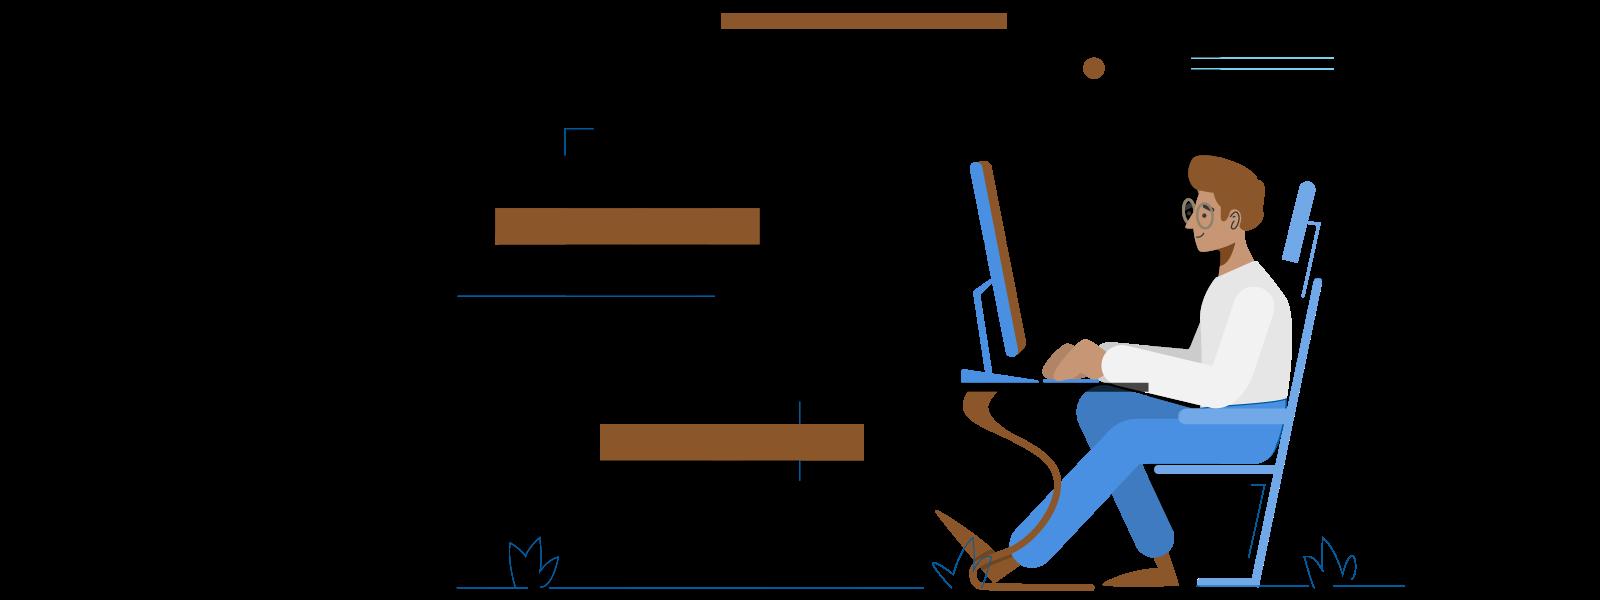 illustratie persoon achter computer aan het werk